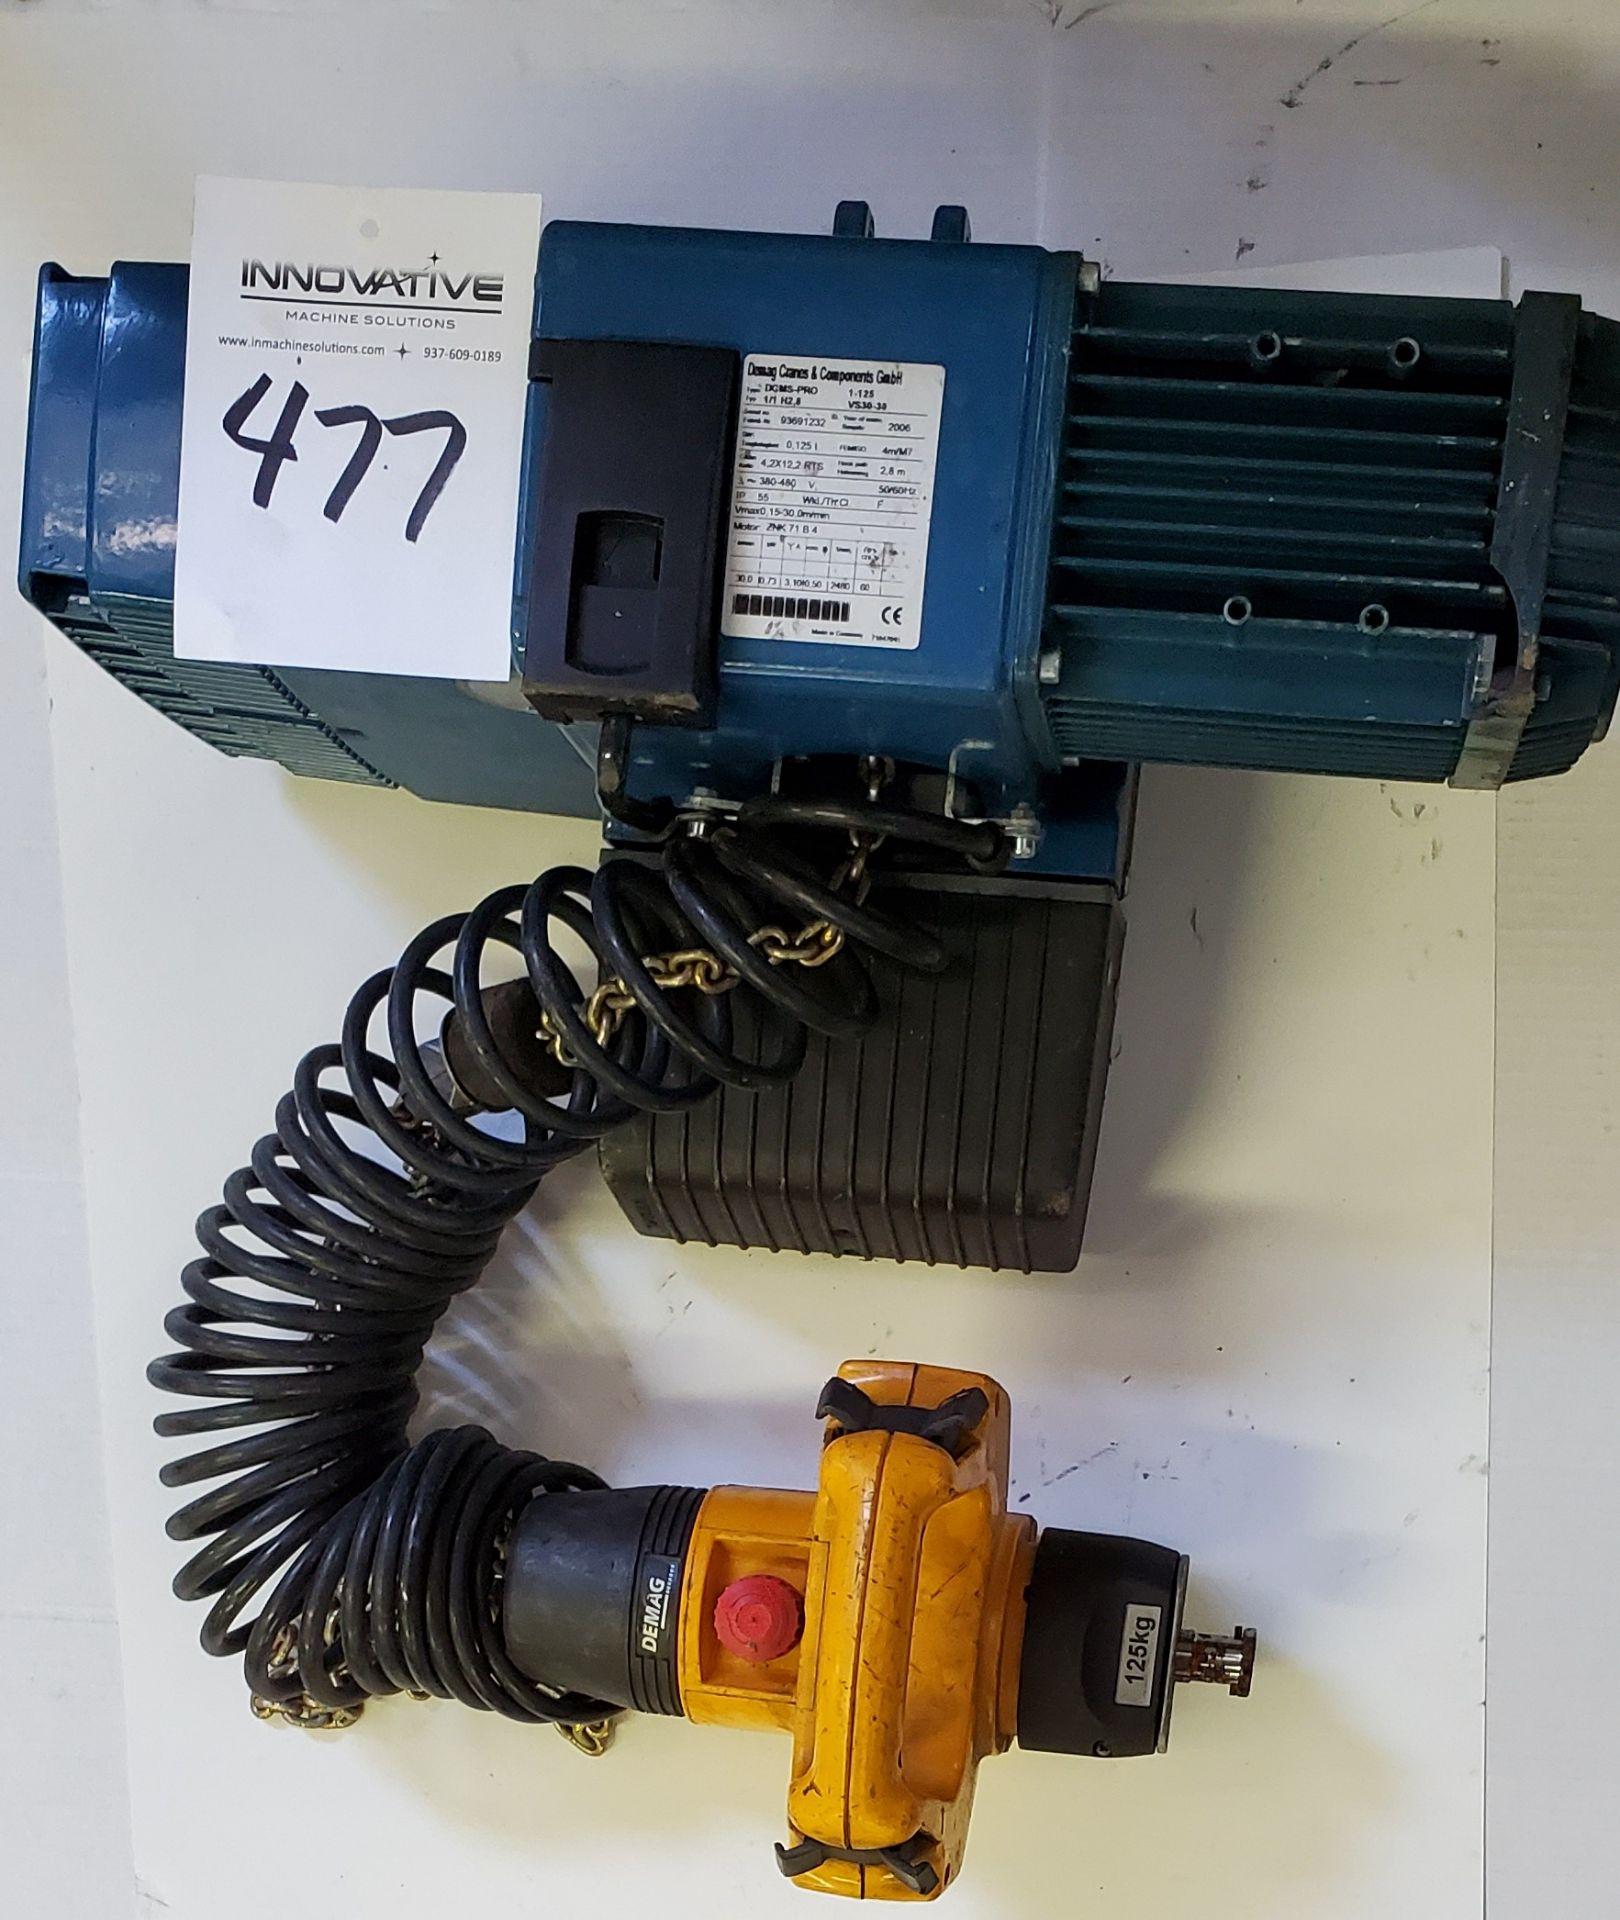 Lot 477 - Demag Pro Manulift with DSM-CS Control 125 kg, 3 phase, 380/480 v